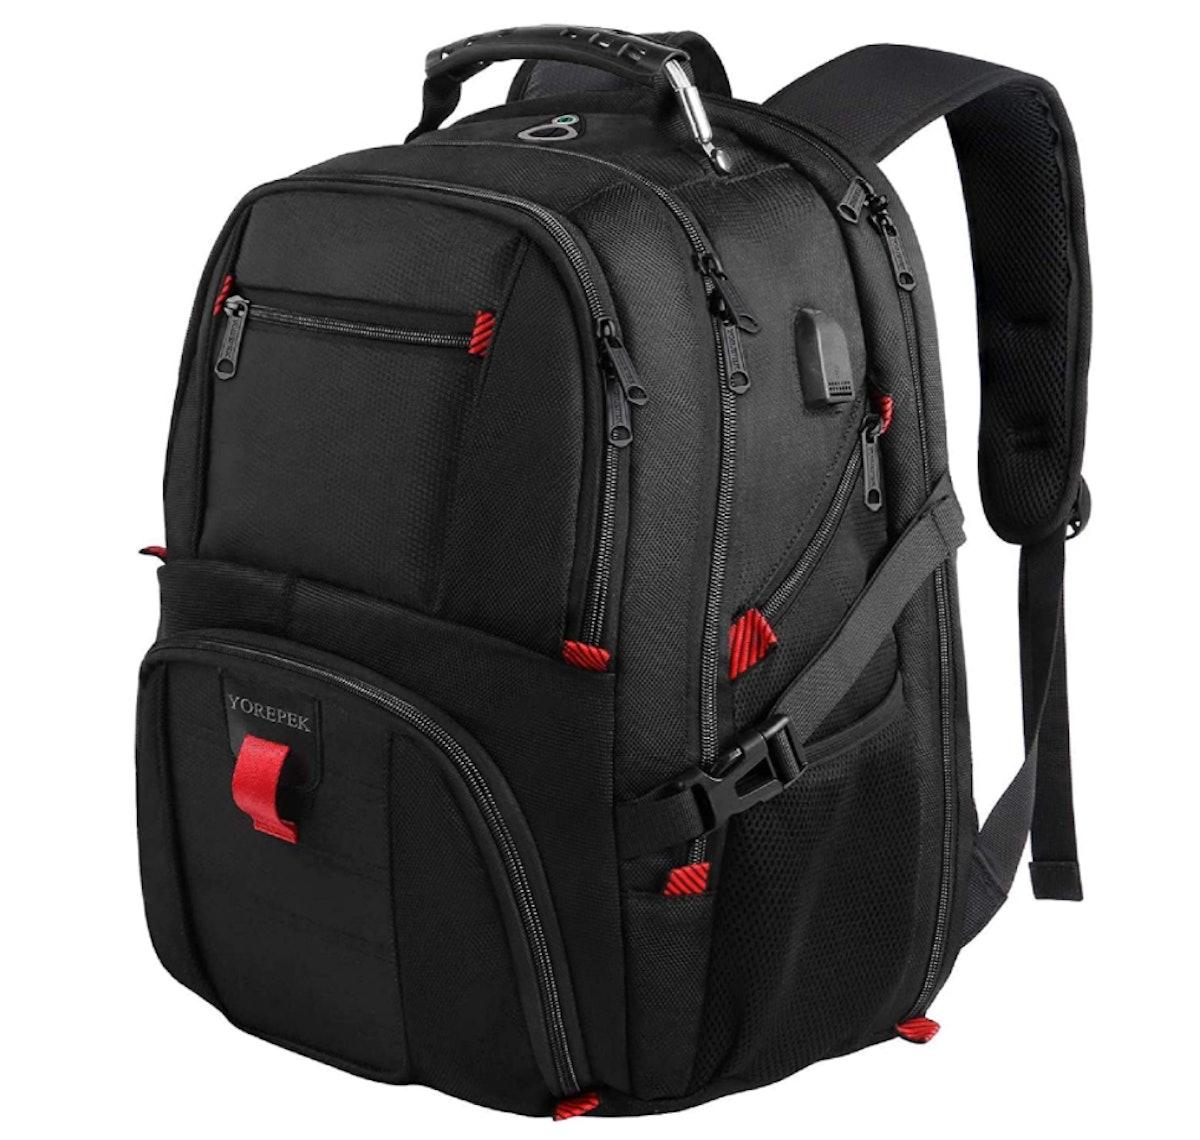 YOREPEK Travel Backpack